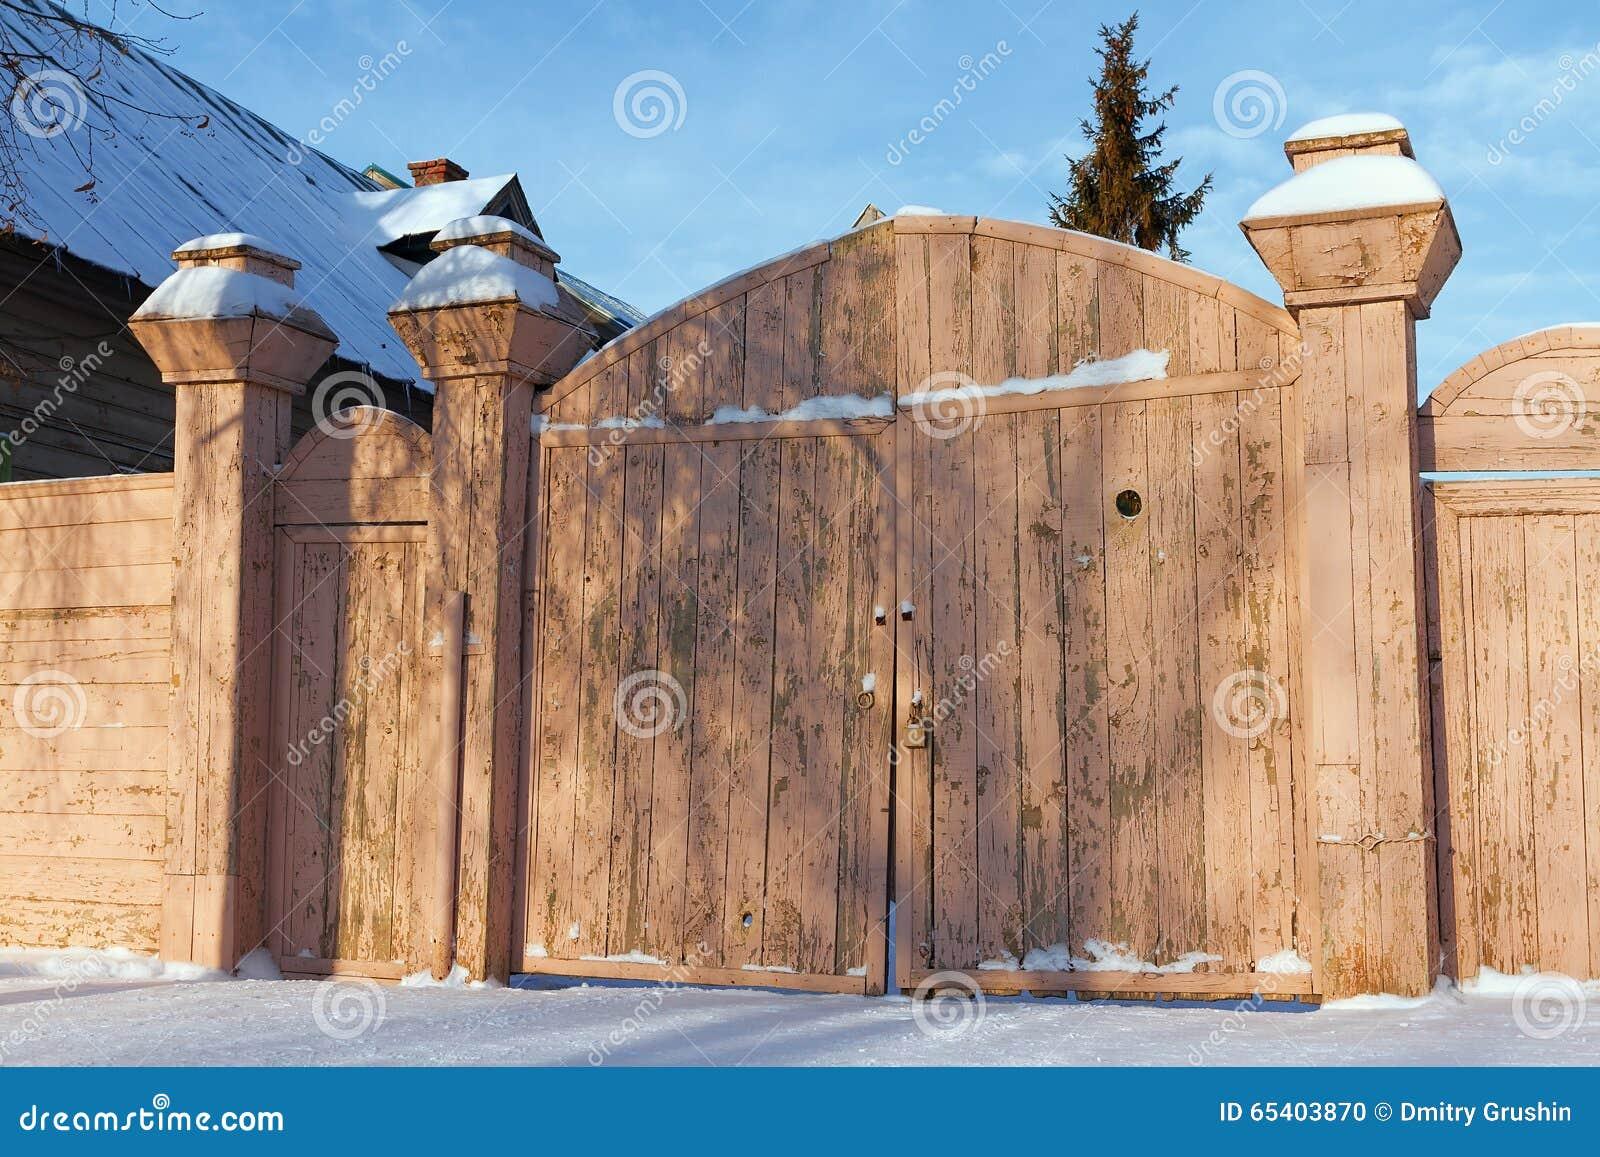 Portoni di legno di vecchia casa fotografia stock - Portoni di casa ...